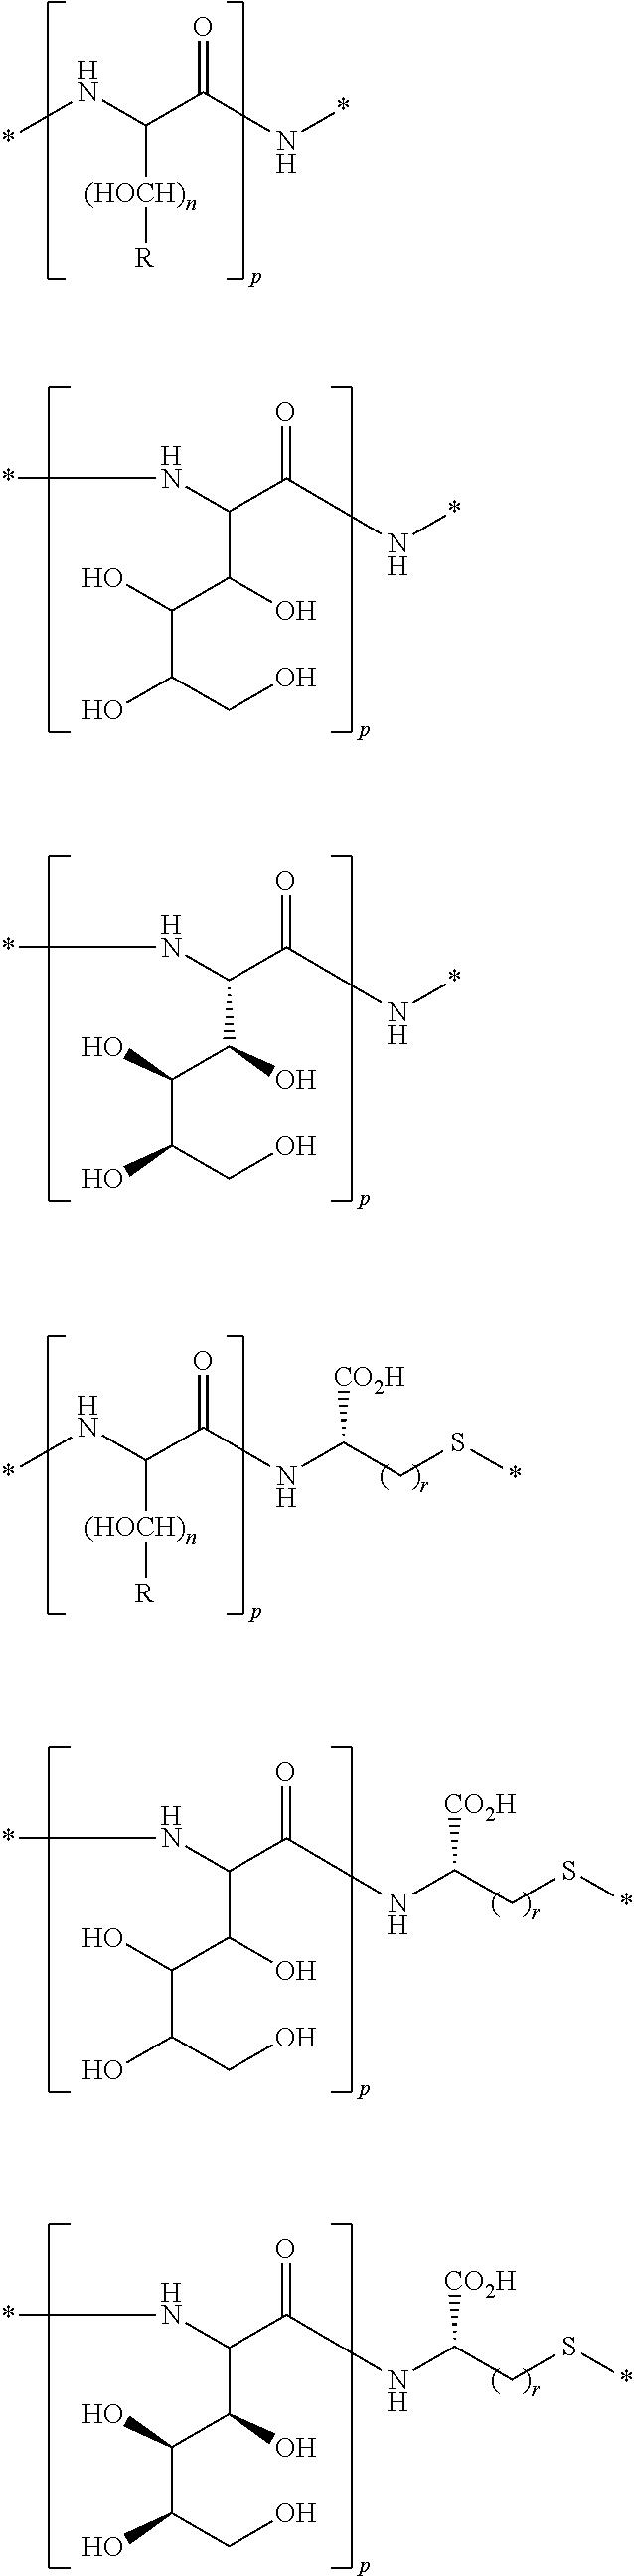 Figure US09662402-20170530-C00037